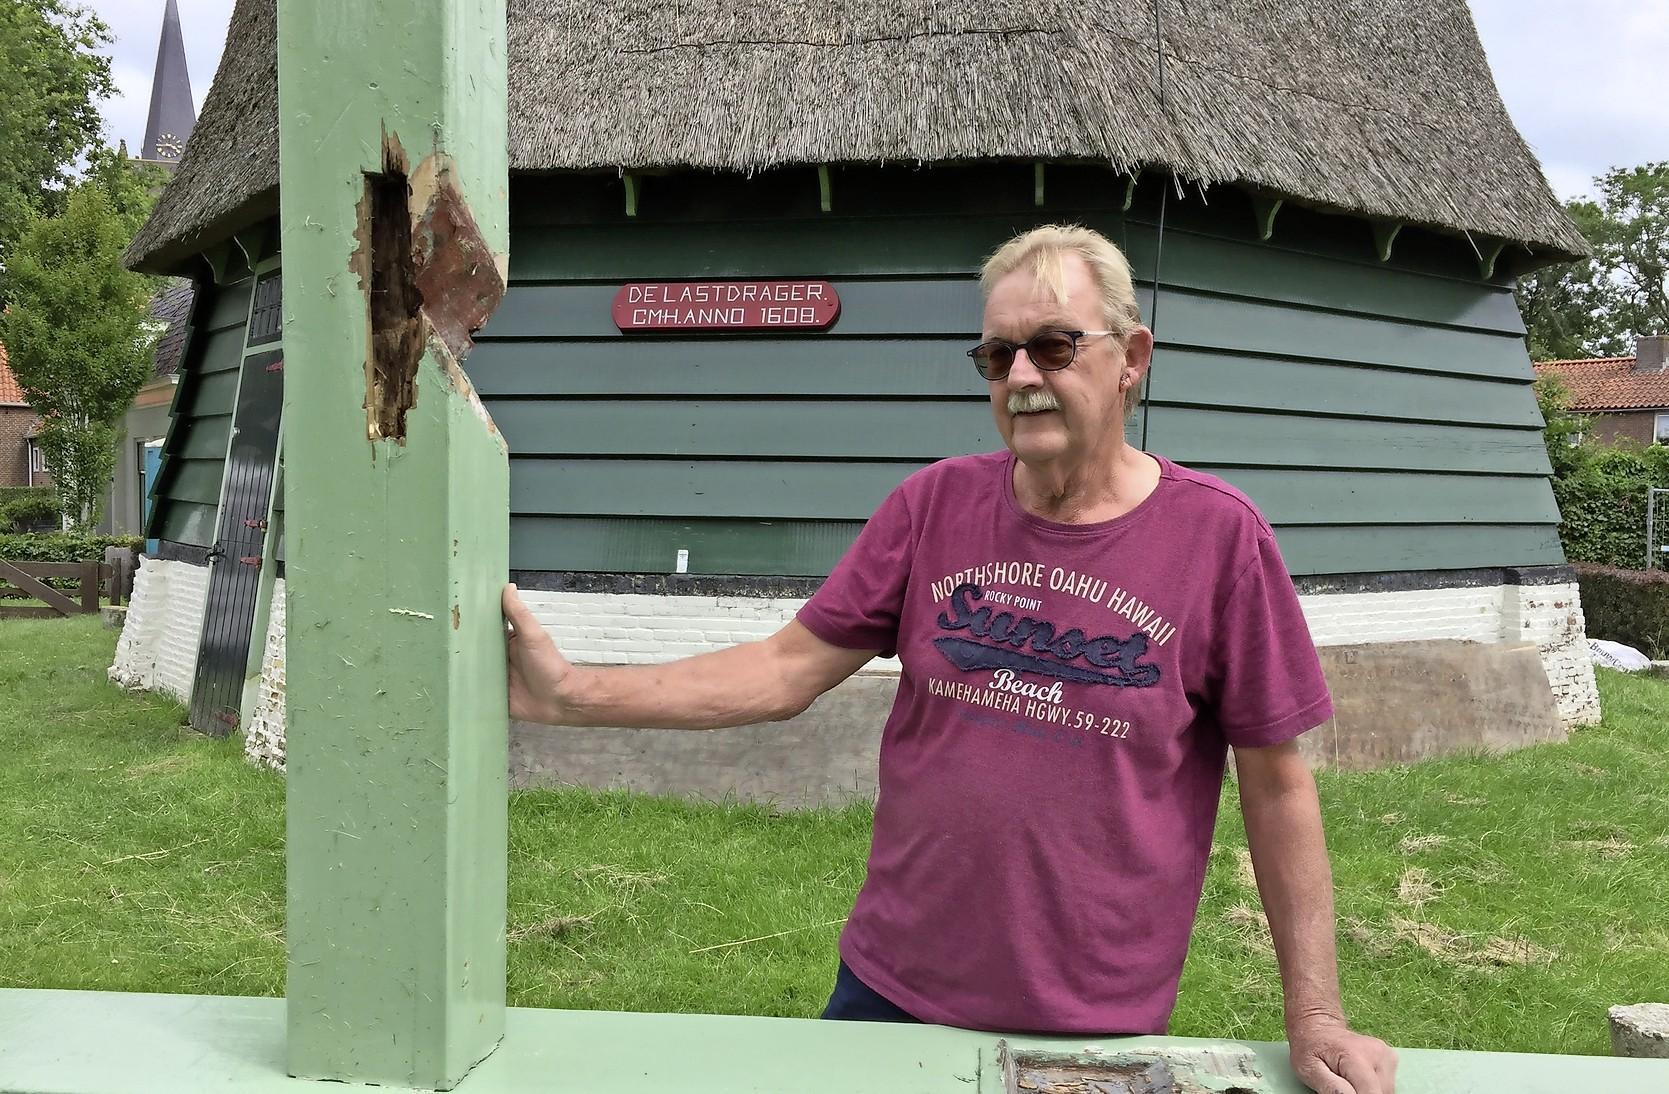 Houtrot in molen De Lastdrager in Hoogwoud: 'Het zit gewoon even niet mee'